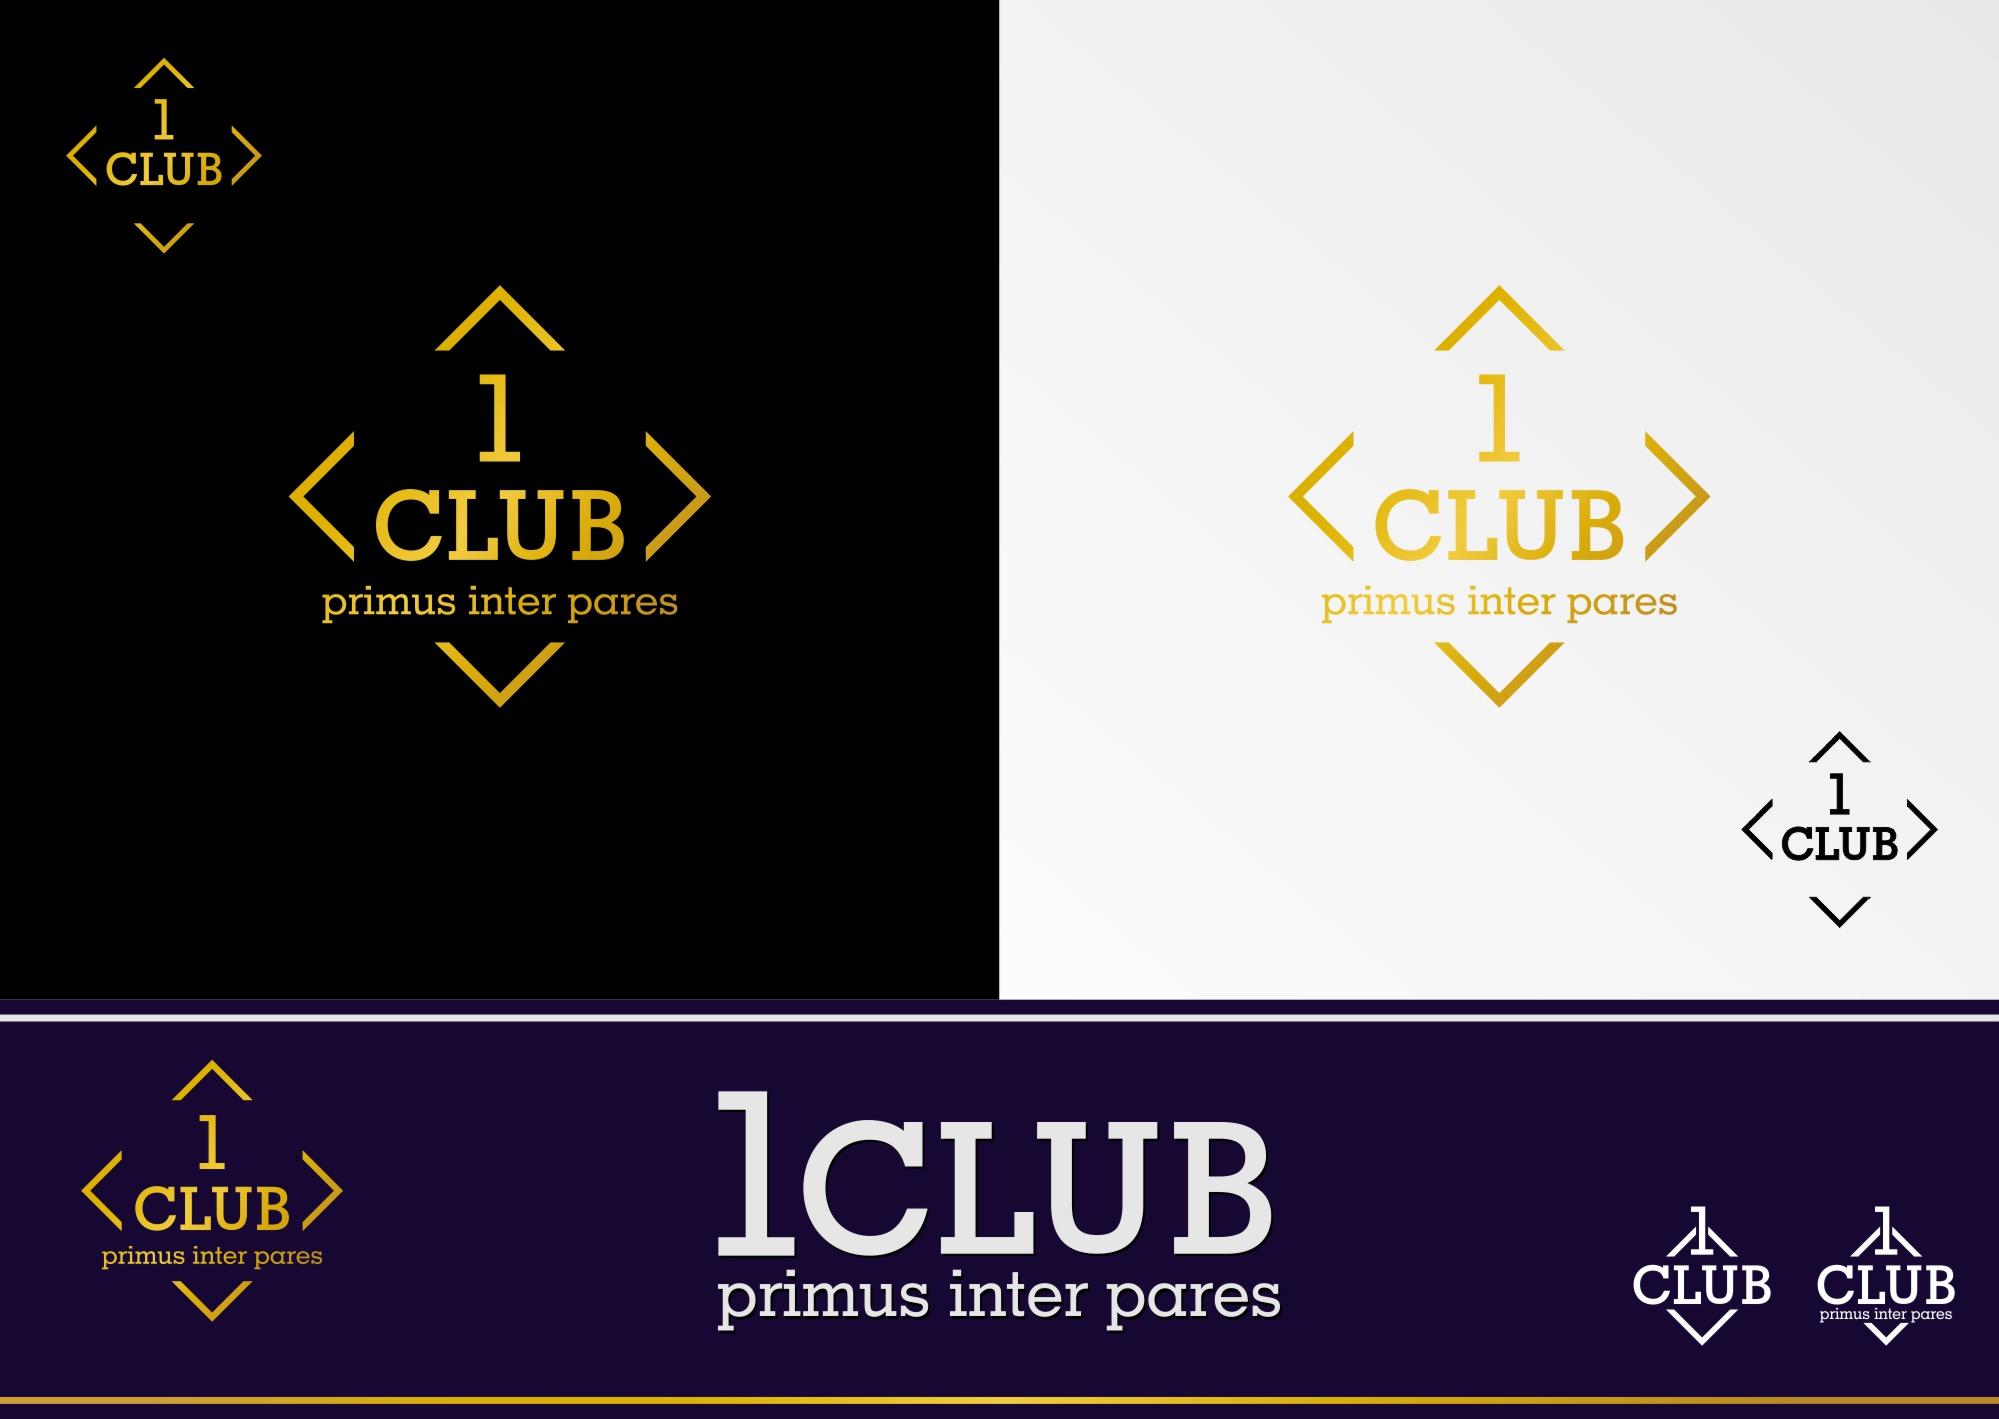 Логотип делового клуба фото f_2915f8539164b1cc.jpg